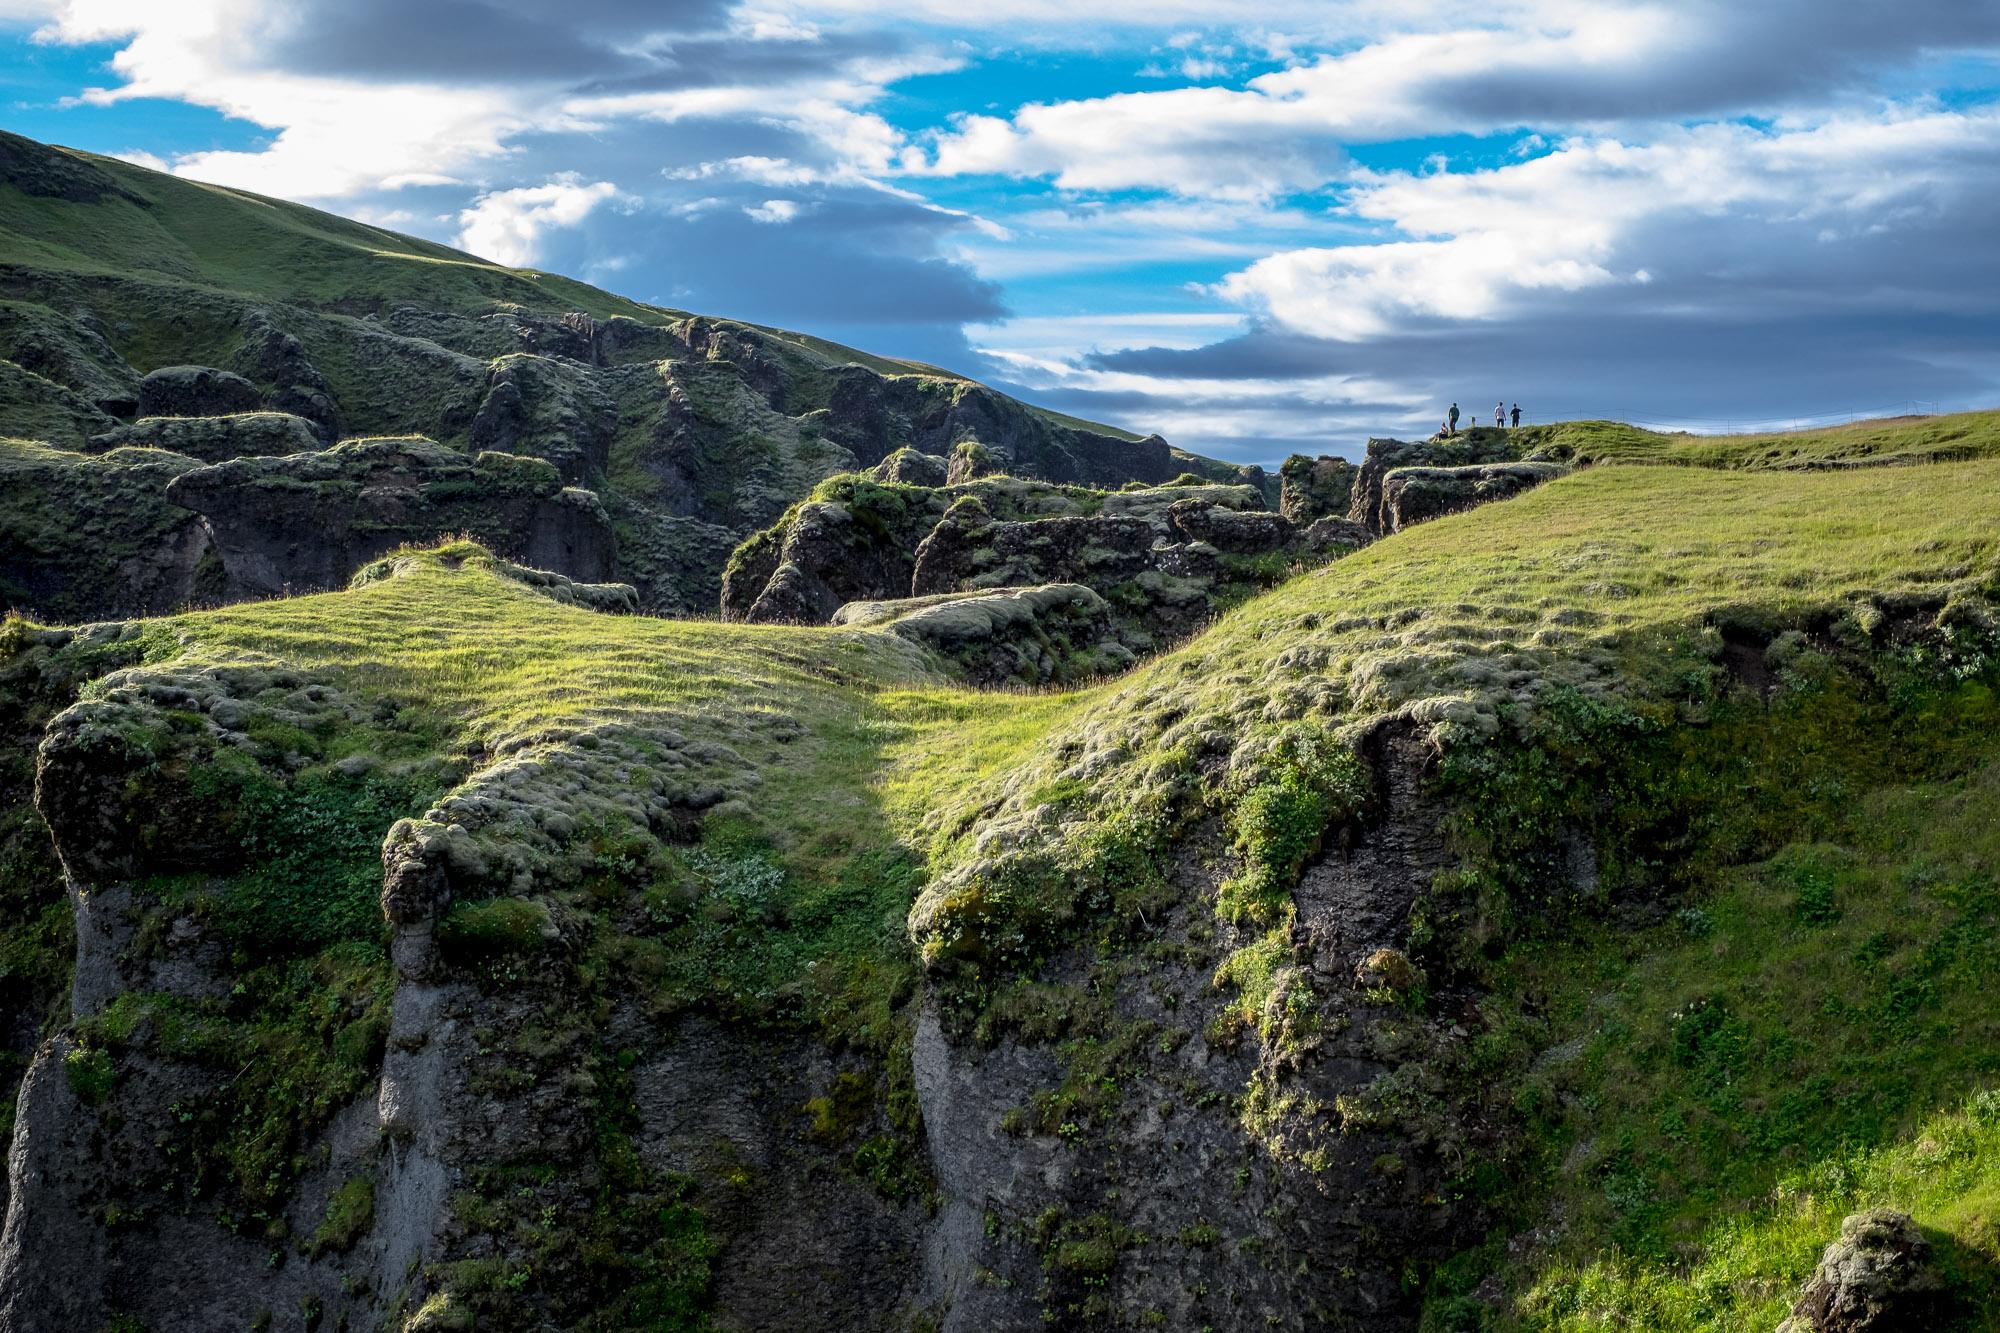 Canyon Perspective (Fjaðrárgljúfur)